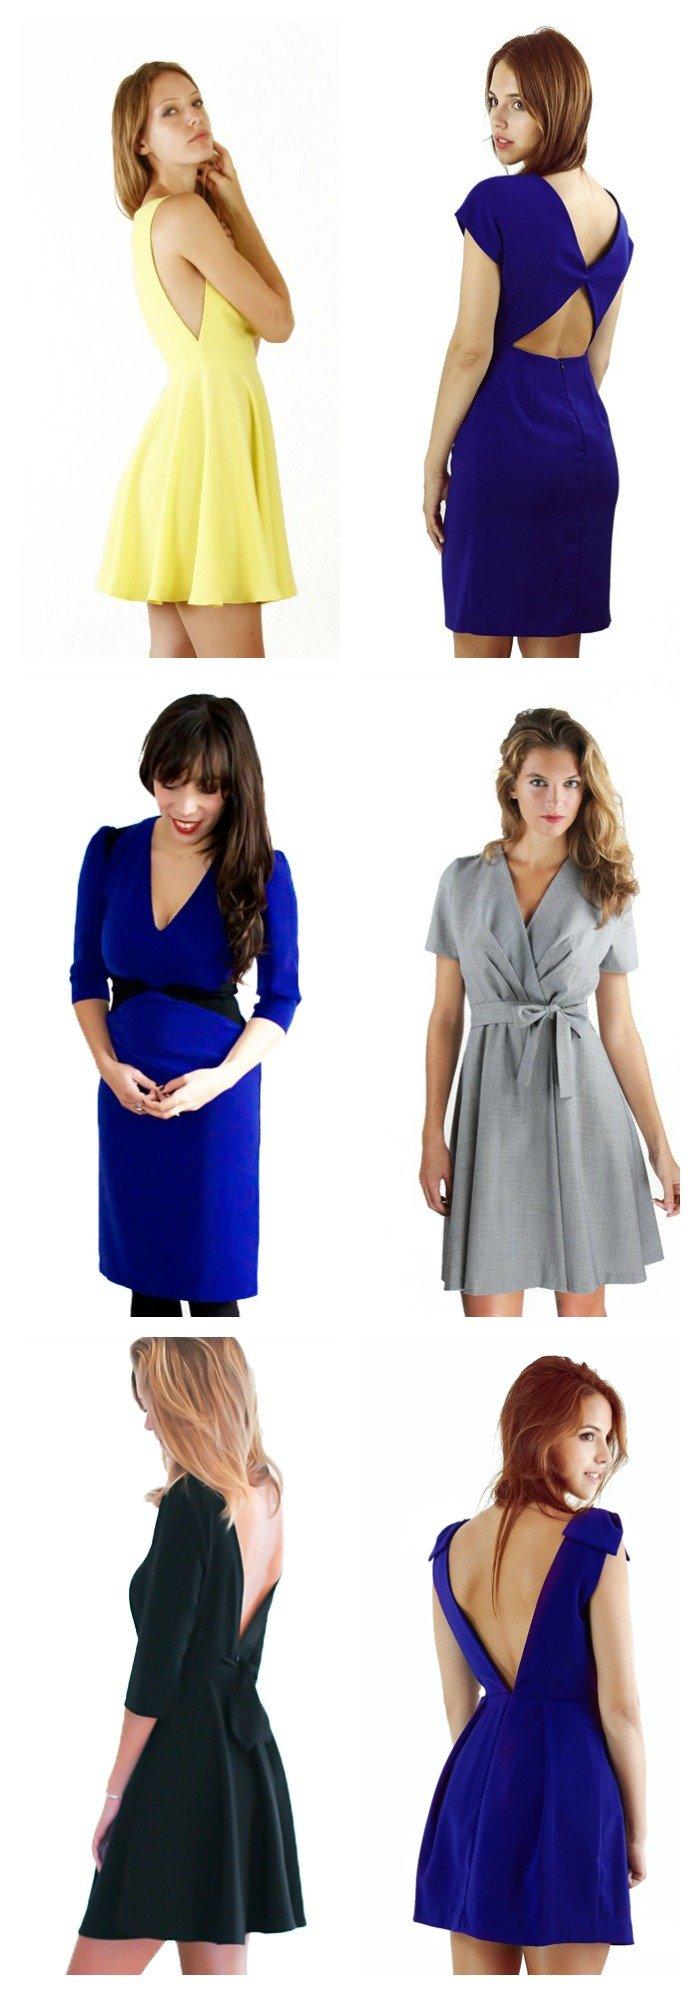 Robe semi mesure Poldine, une bonne idée pour les demoiselles d'honneur / publié sur withalovelikethat.fr